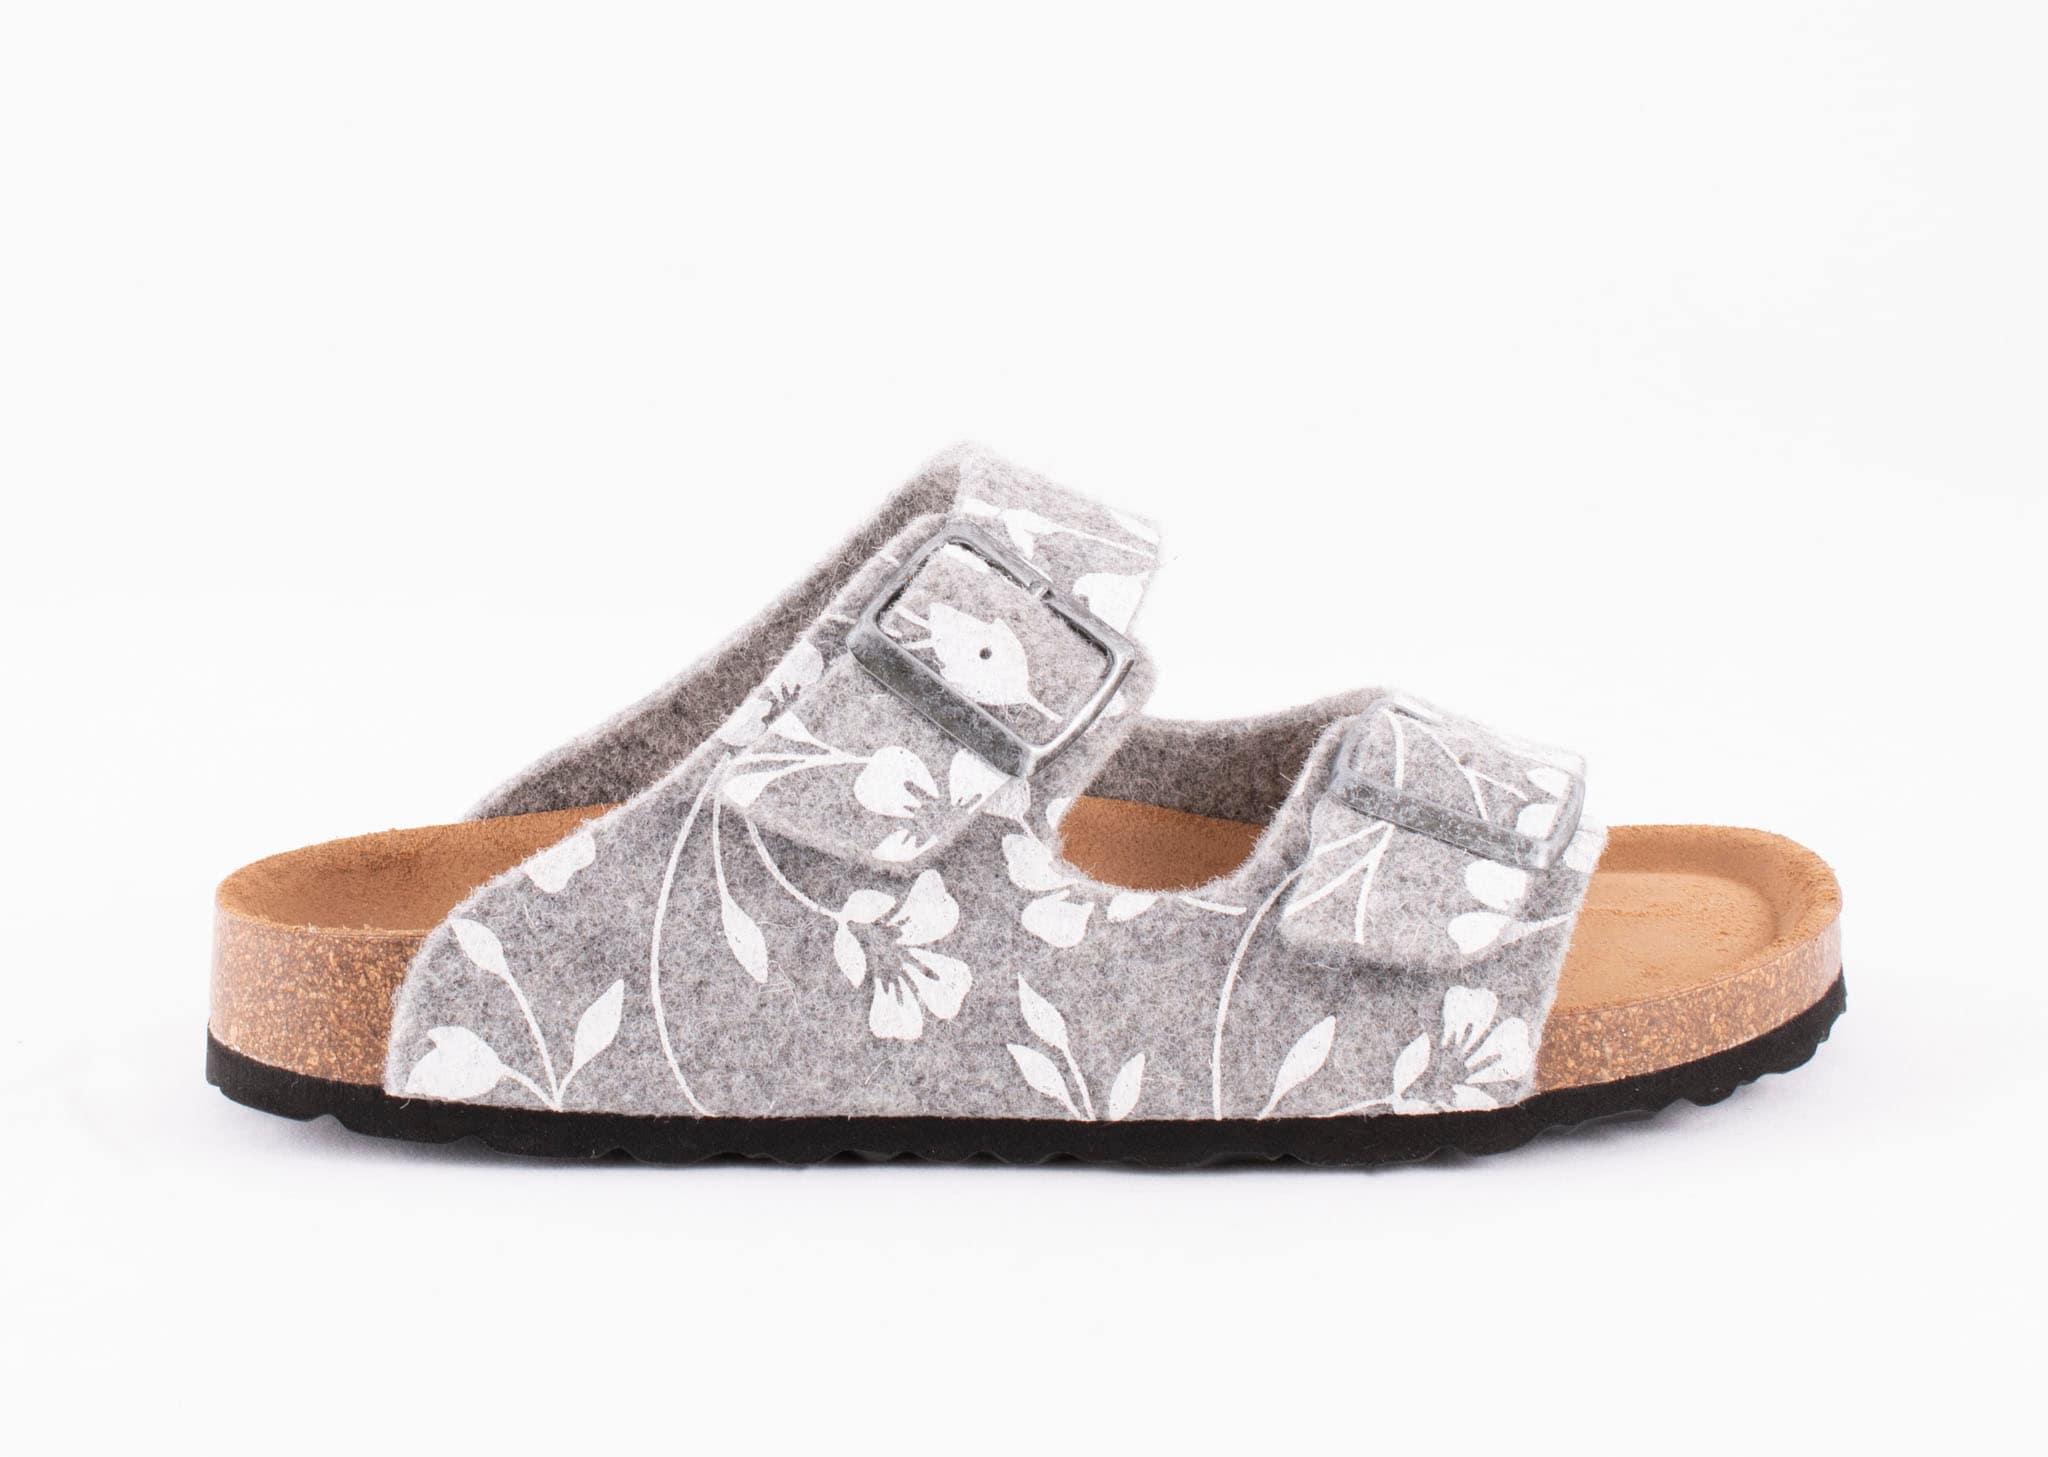 Mathilda sandals Grey floral